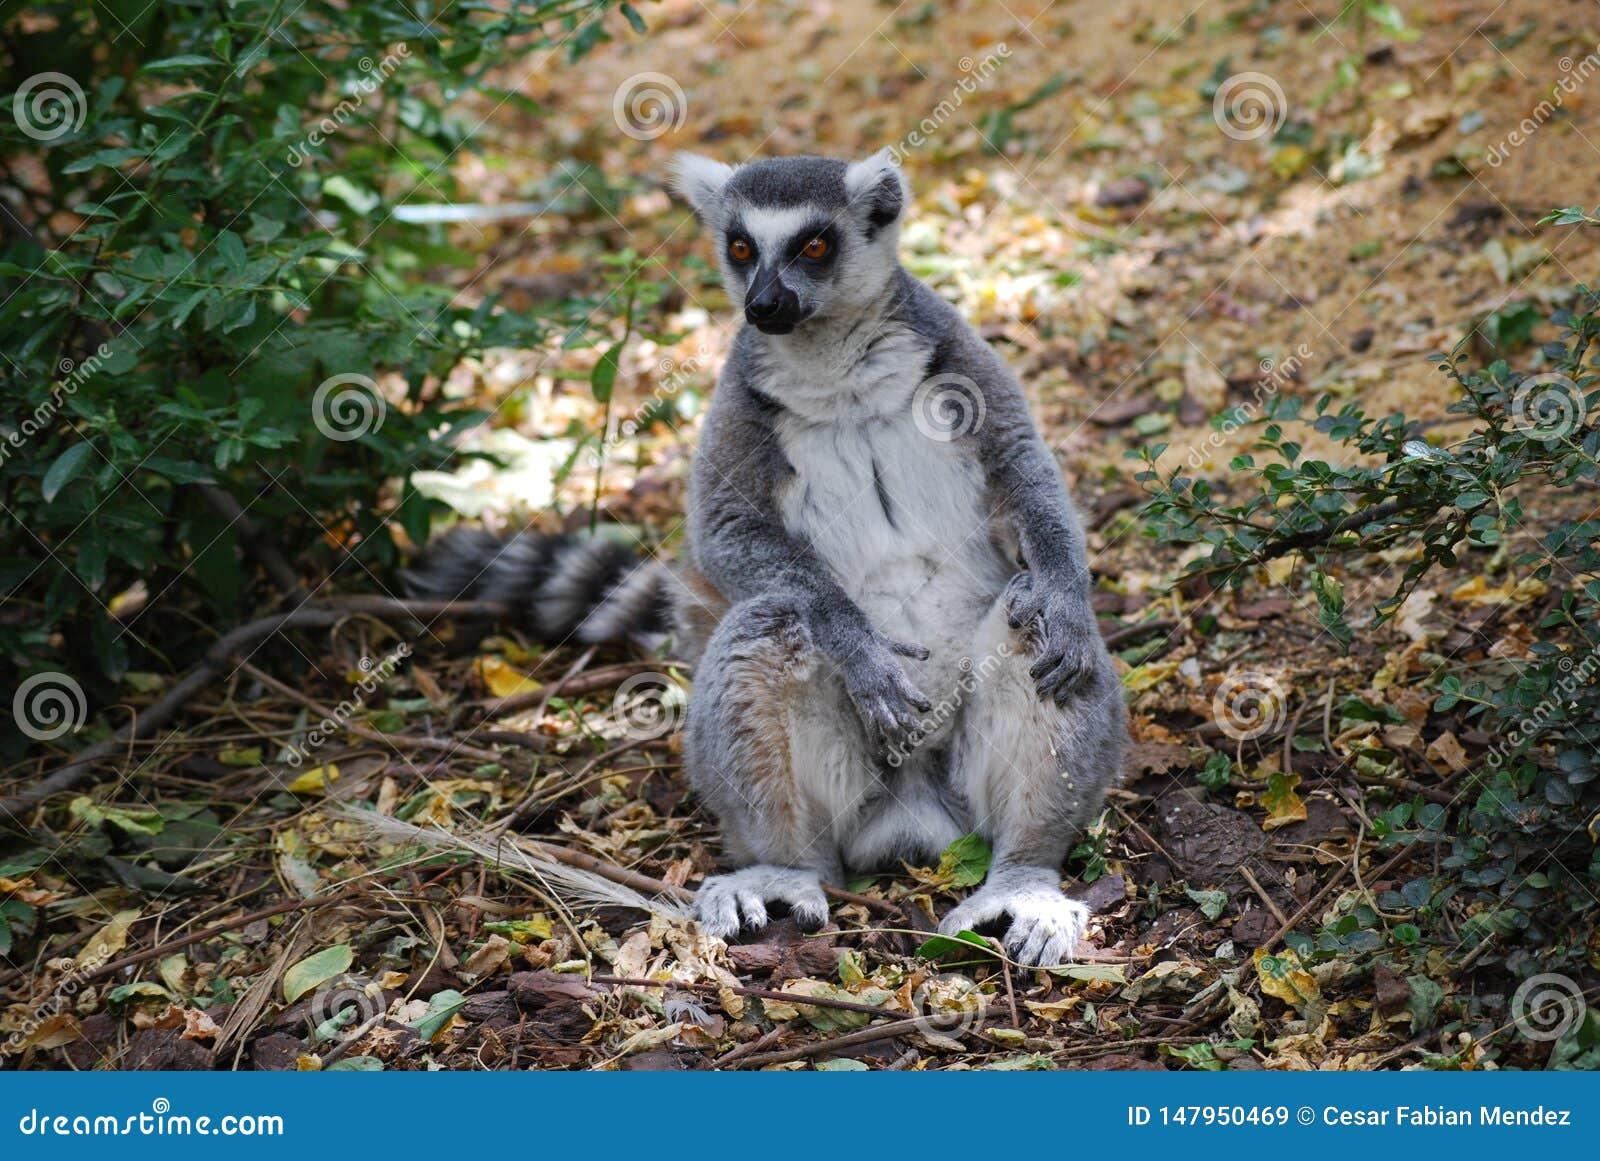 Lemur Ring-tailed